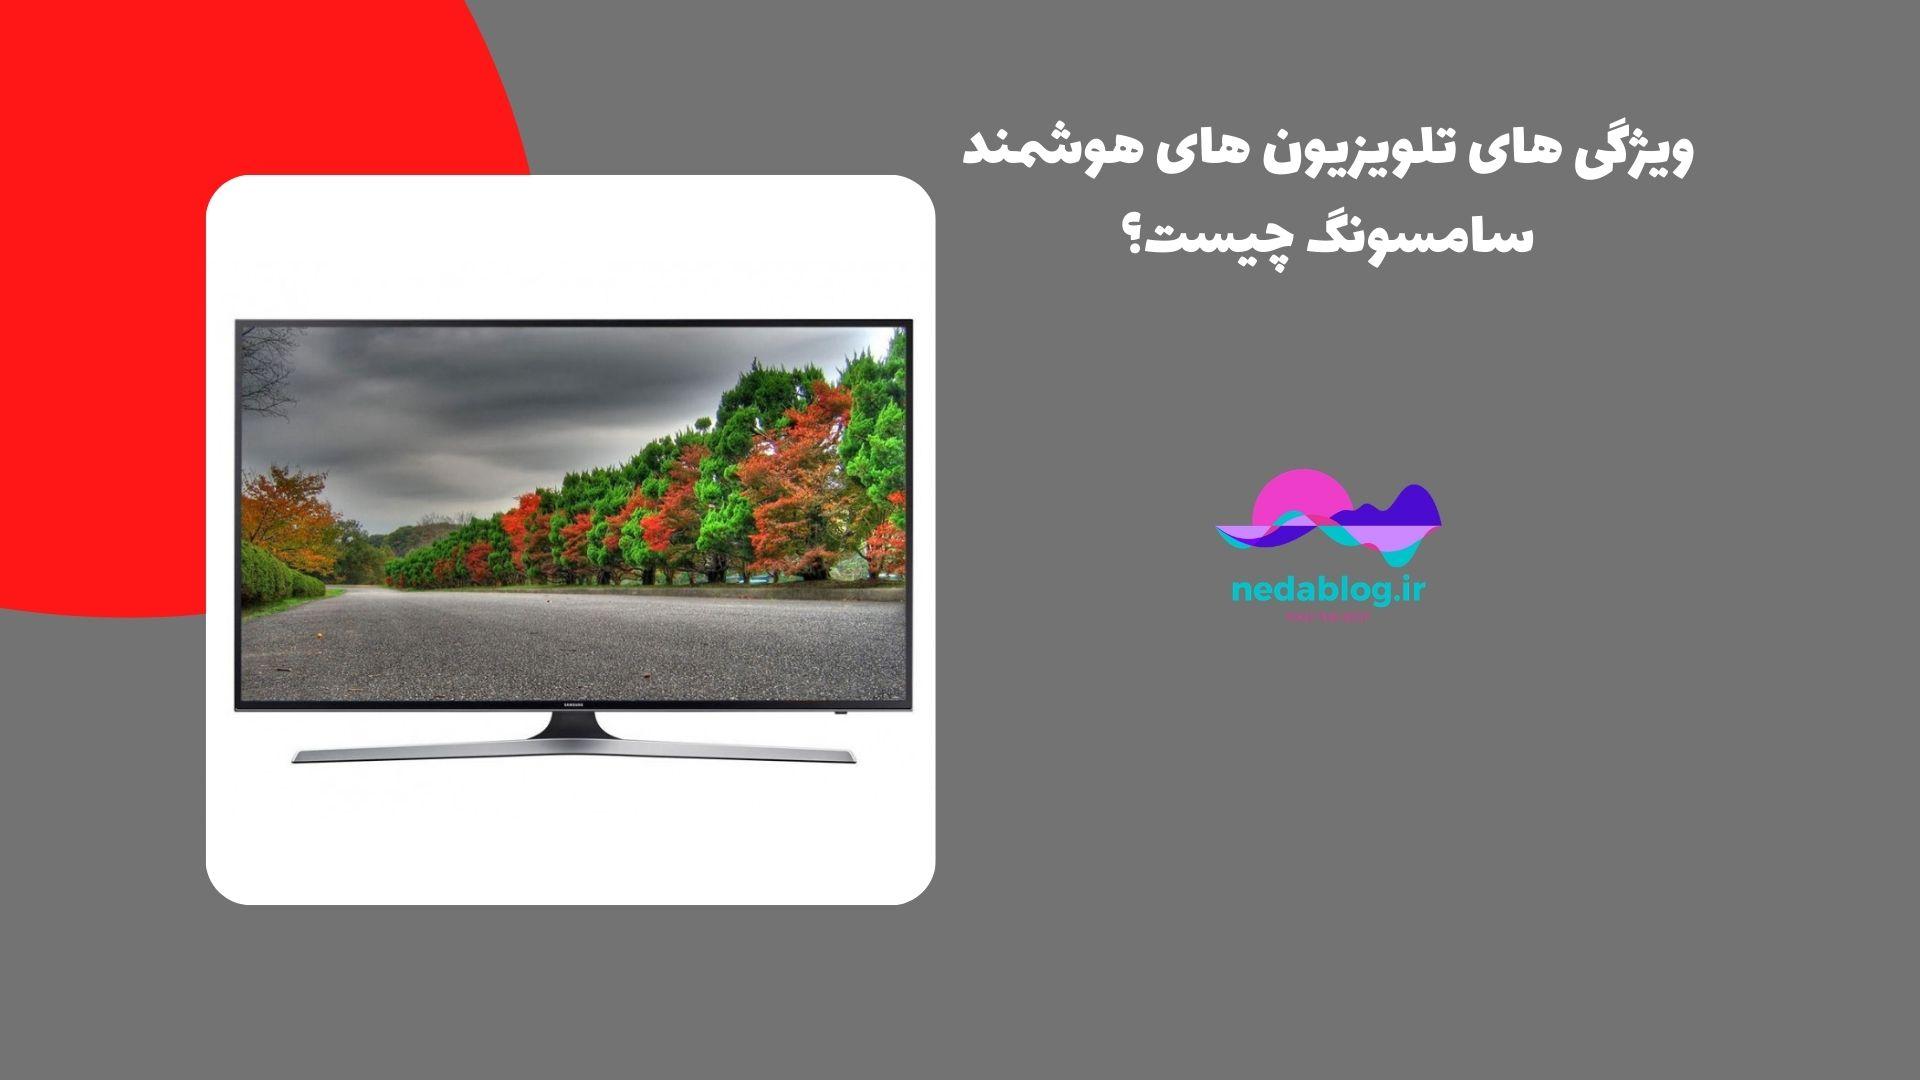 ویژگی های تلویزیون های هوشمند سامسونگ چیست؟